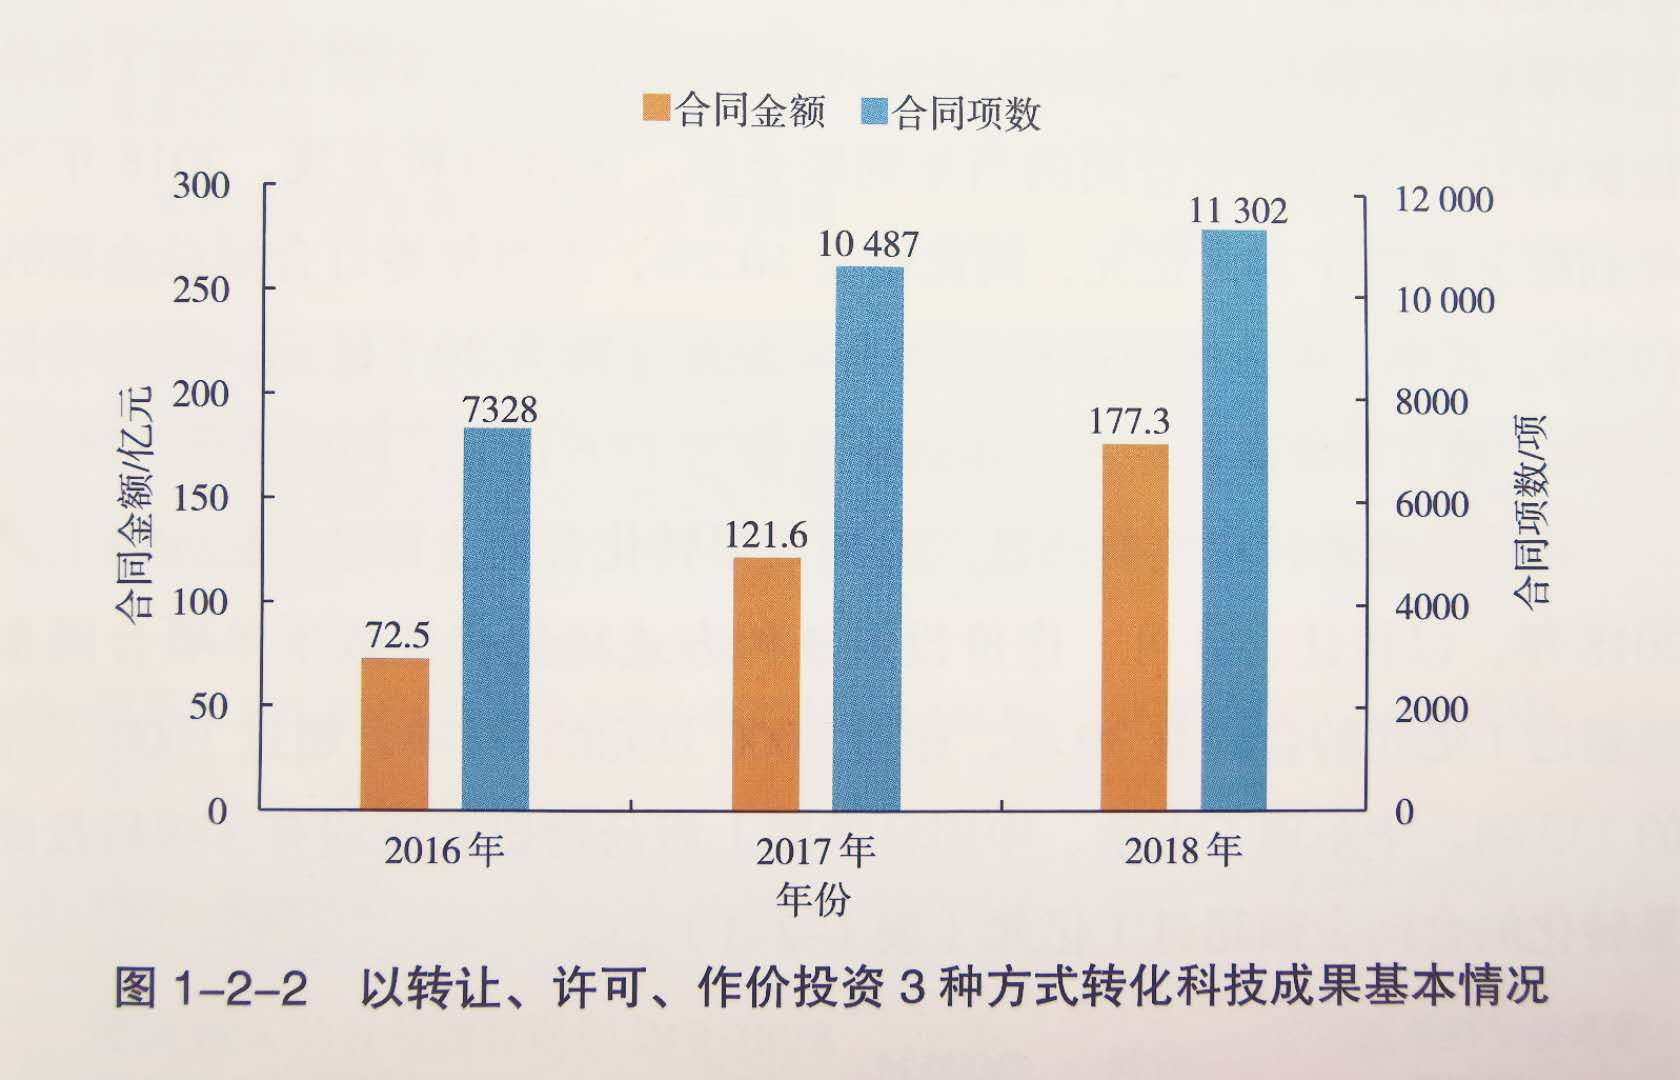 【高德注册】19年度报告发布高德注册科技成图片